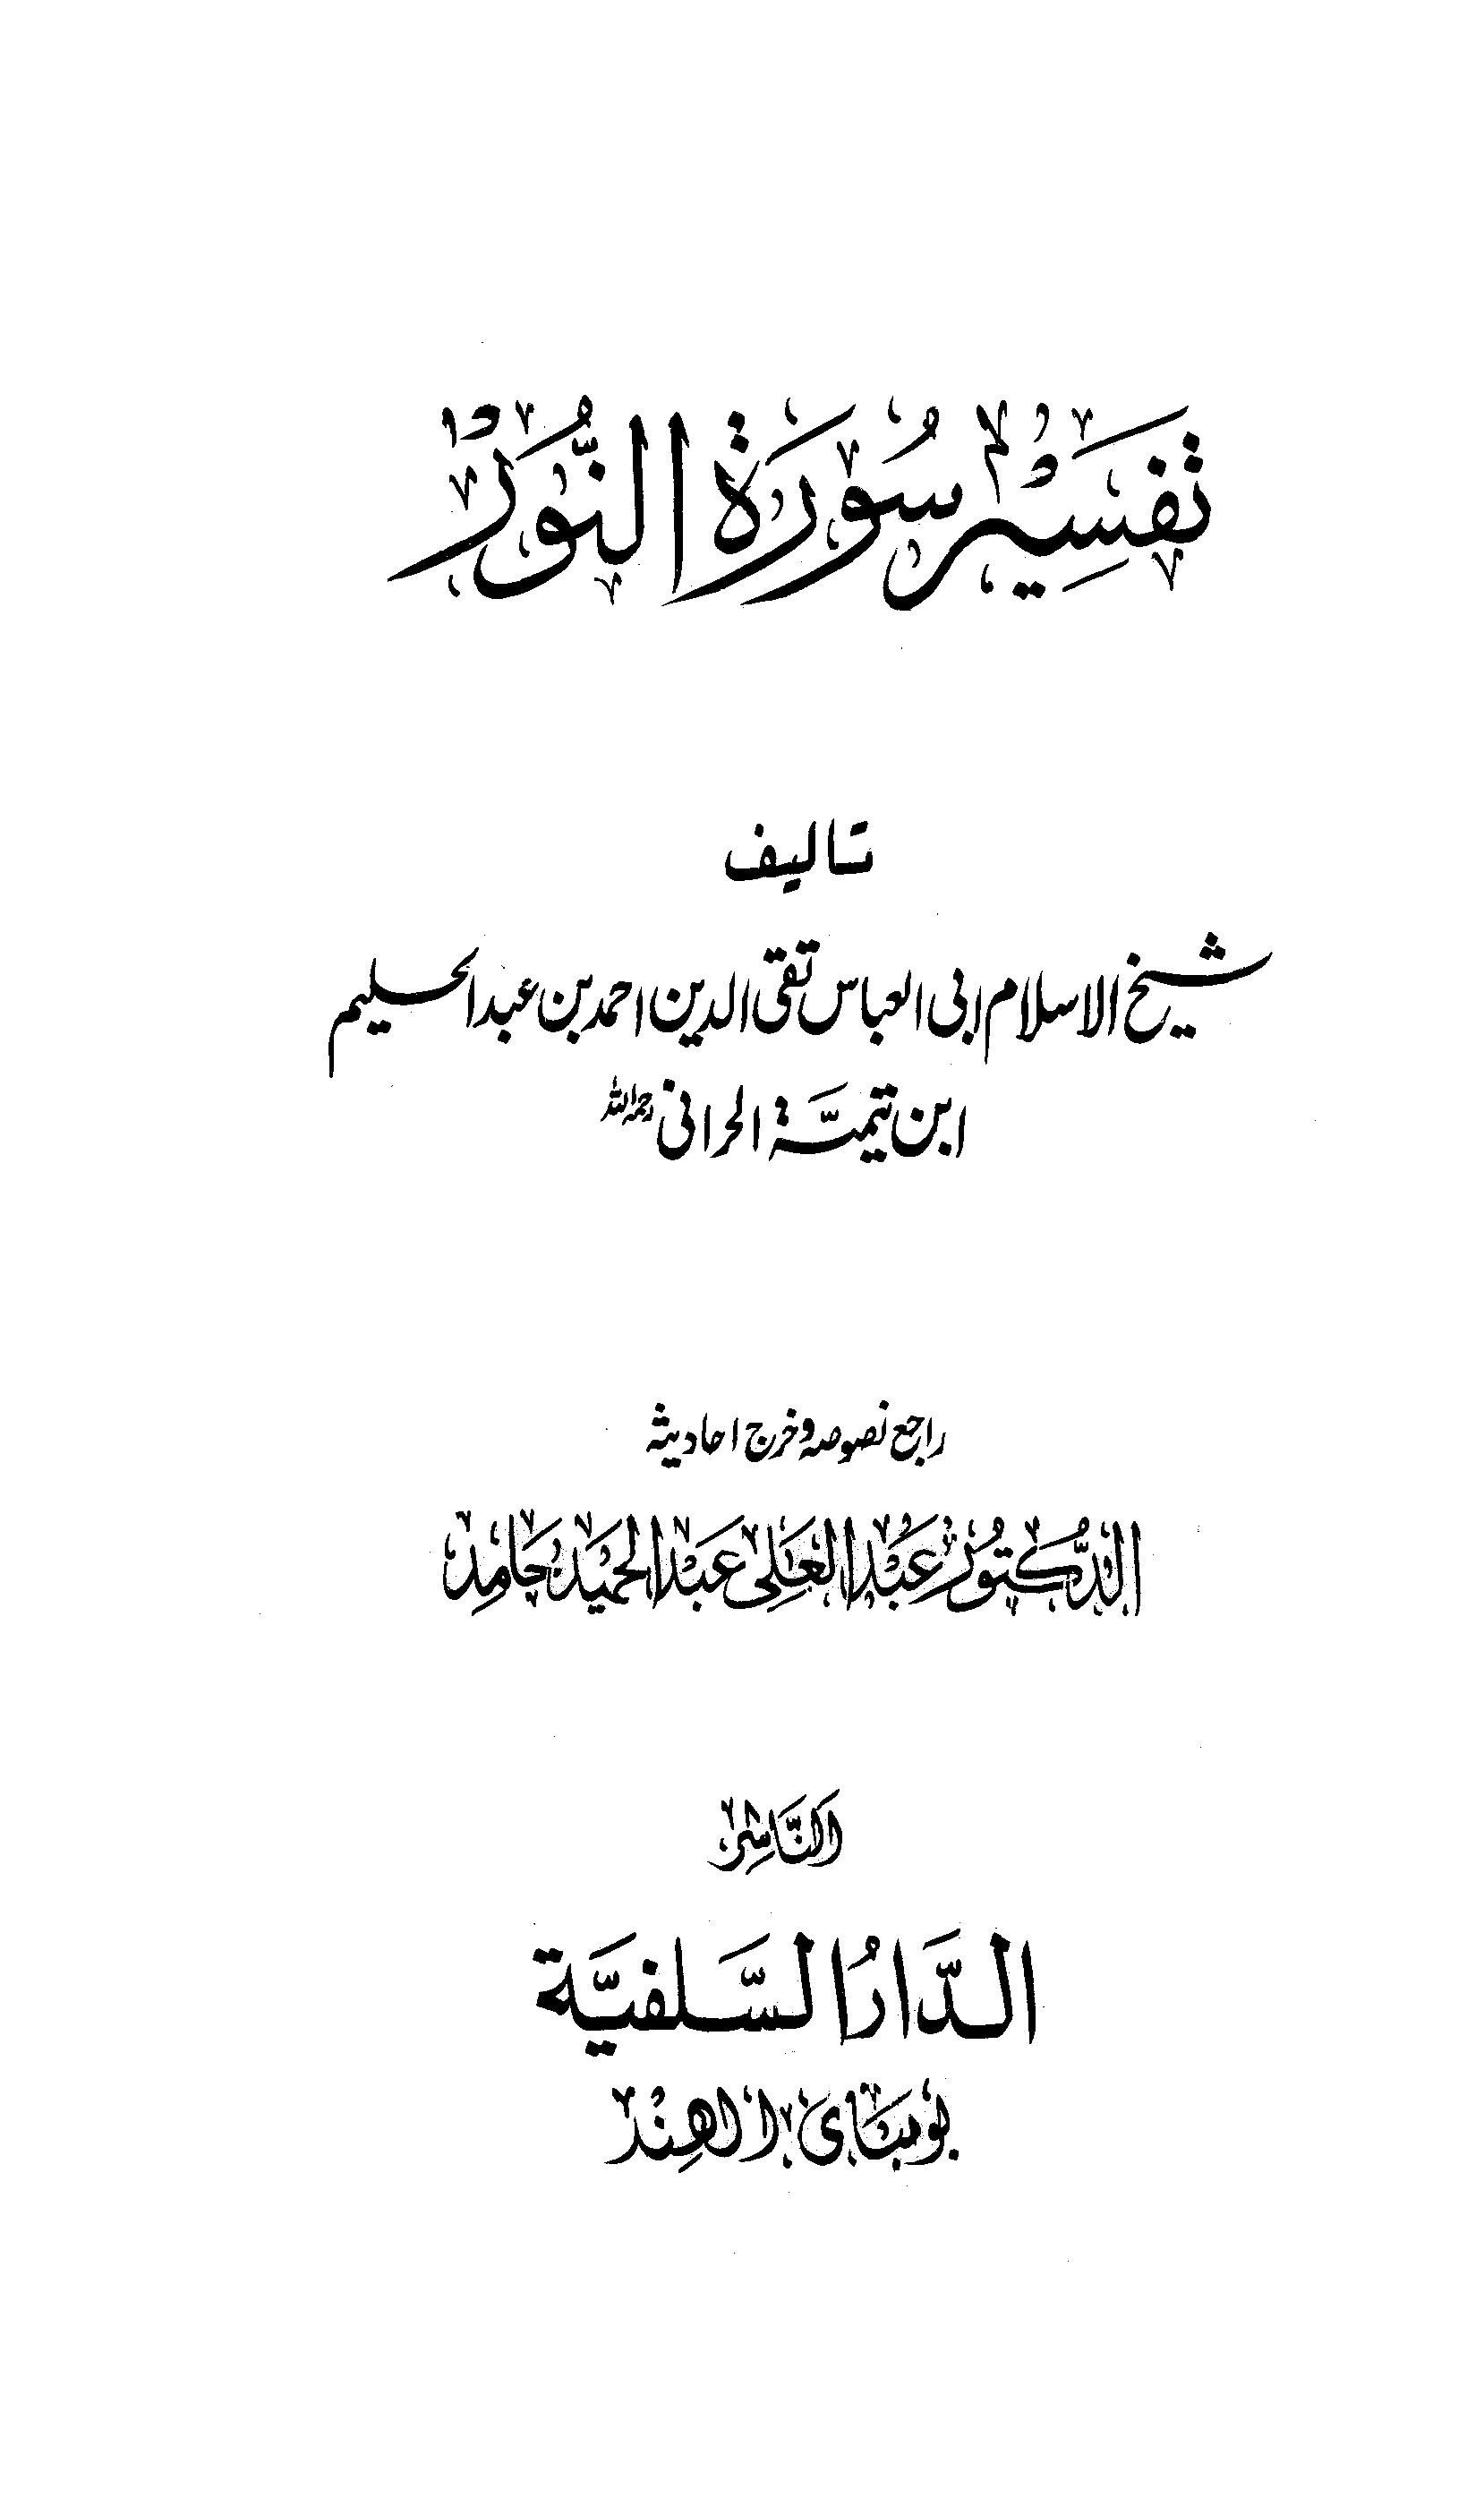 تحميل كتاب تفسير سورة النور (ابن تيمية) لـِ: تقي الدين ابن تيمية